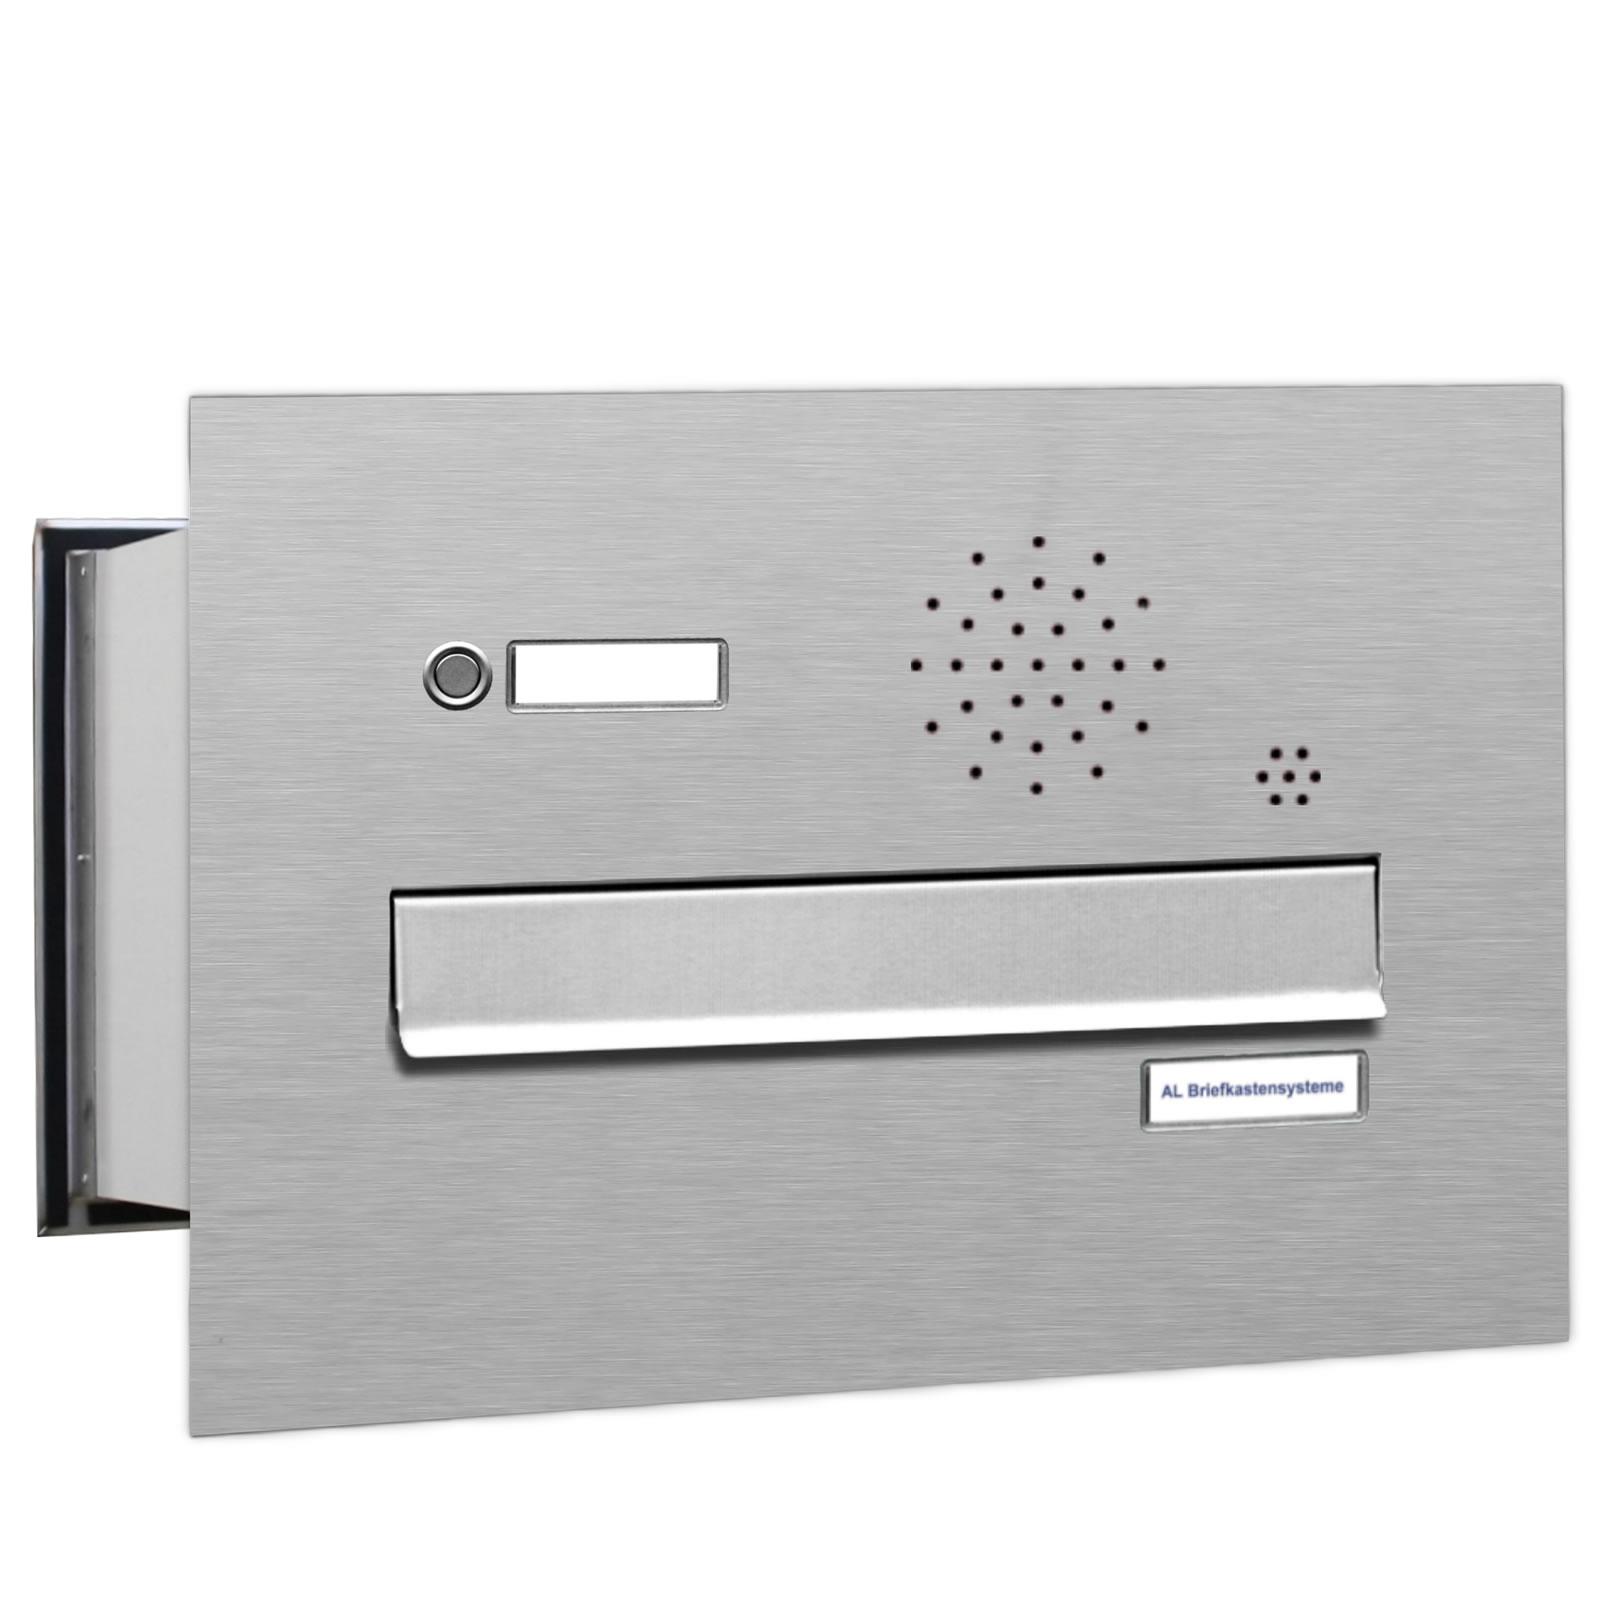 1er premium v2a mauer durchwurf briefkasten mit klingel 1fach postkasten ebay. Black Bedroom Furniture Sets. Home Design Ideas